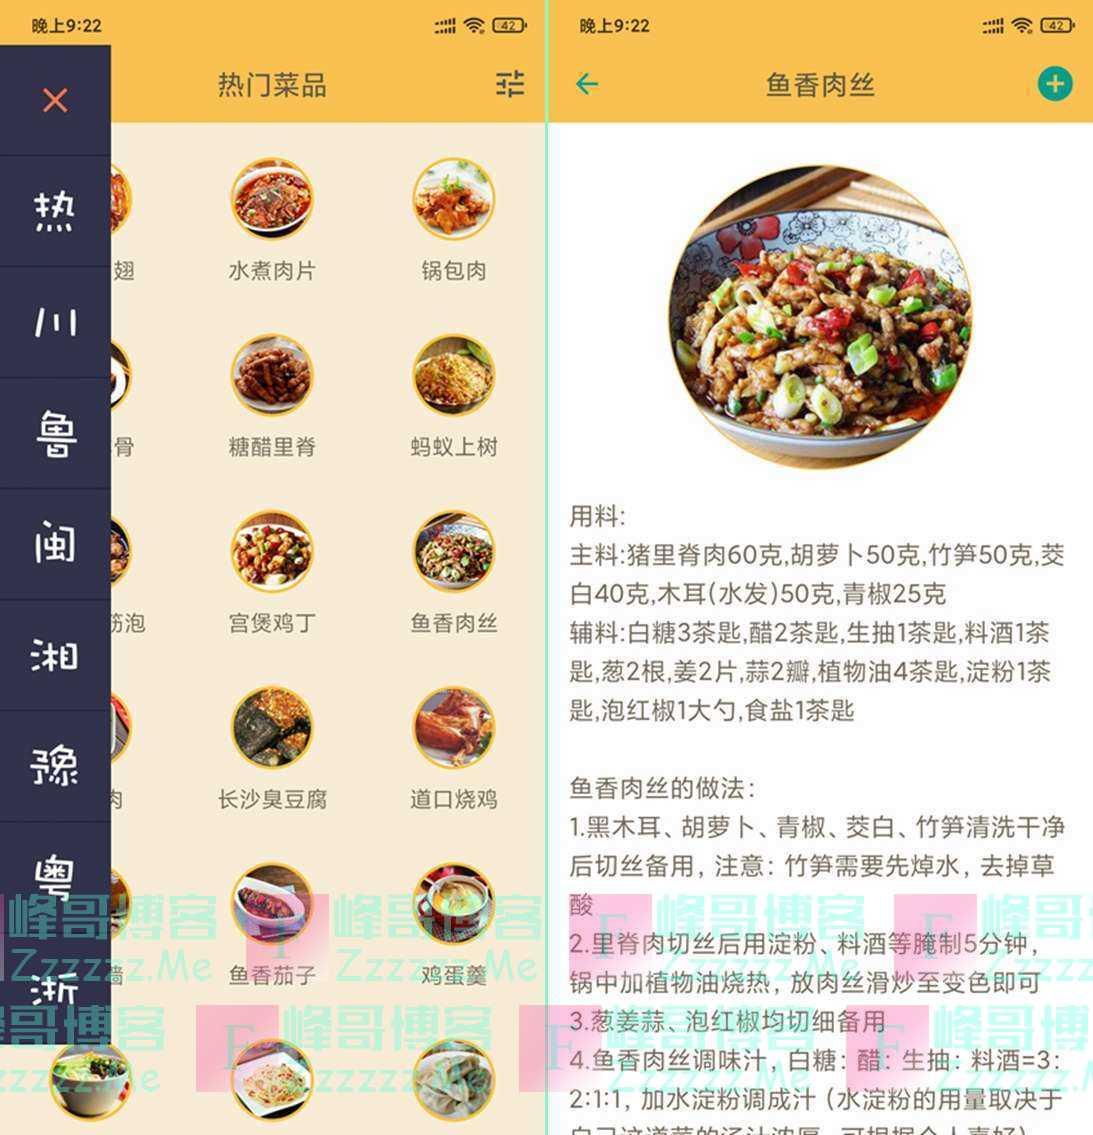 安卓中华美食谱V2.53 中华美食谱去广告绿色版下载